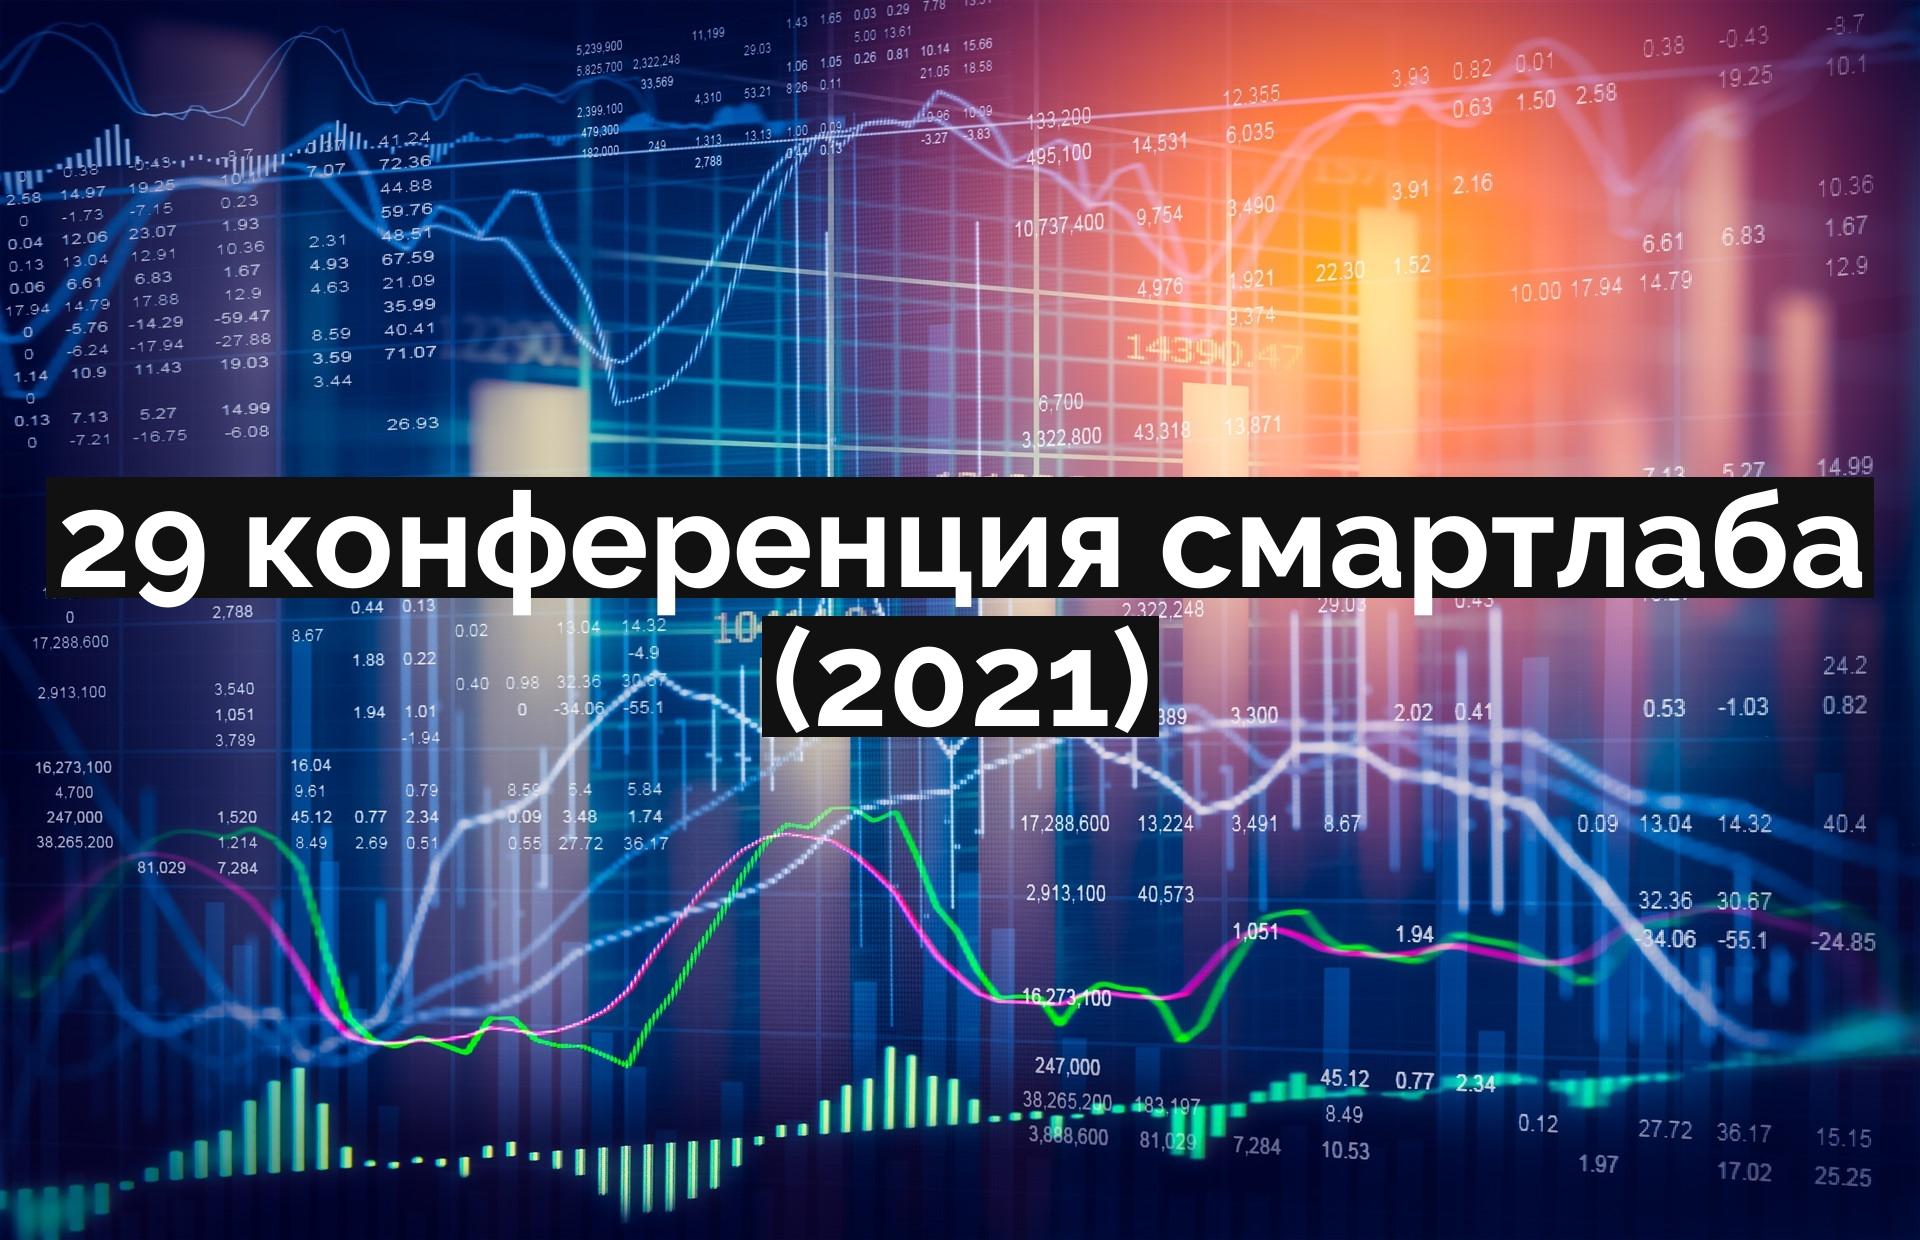 29 конференция смартлаба (2021)